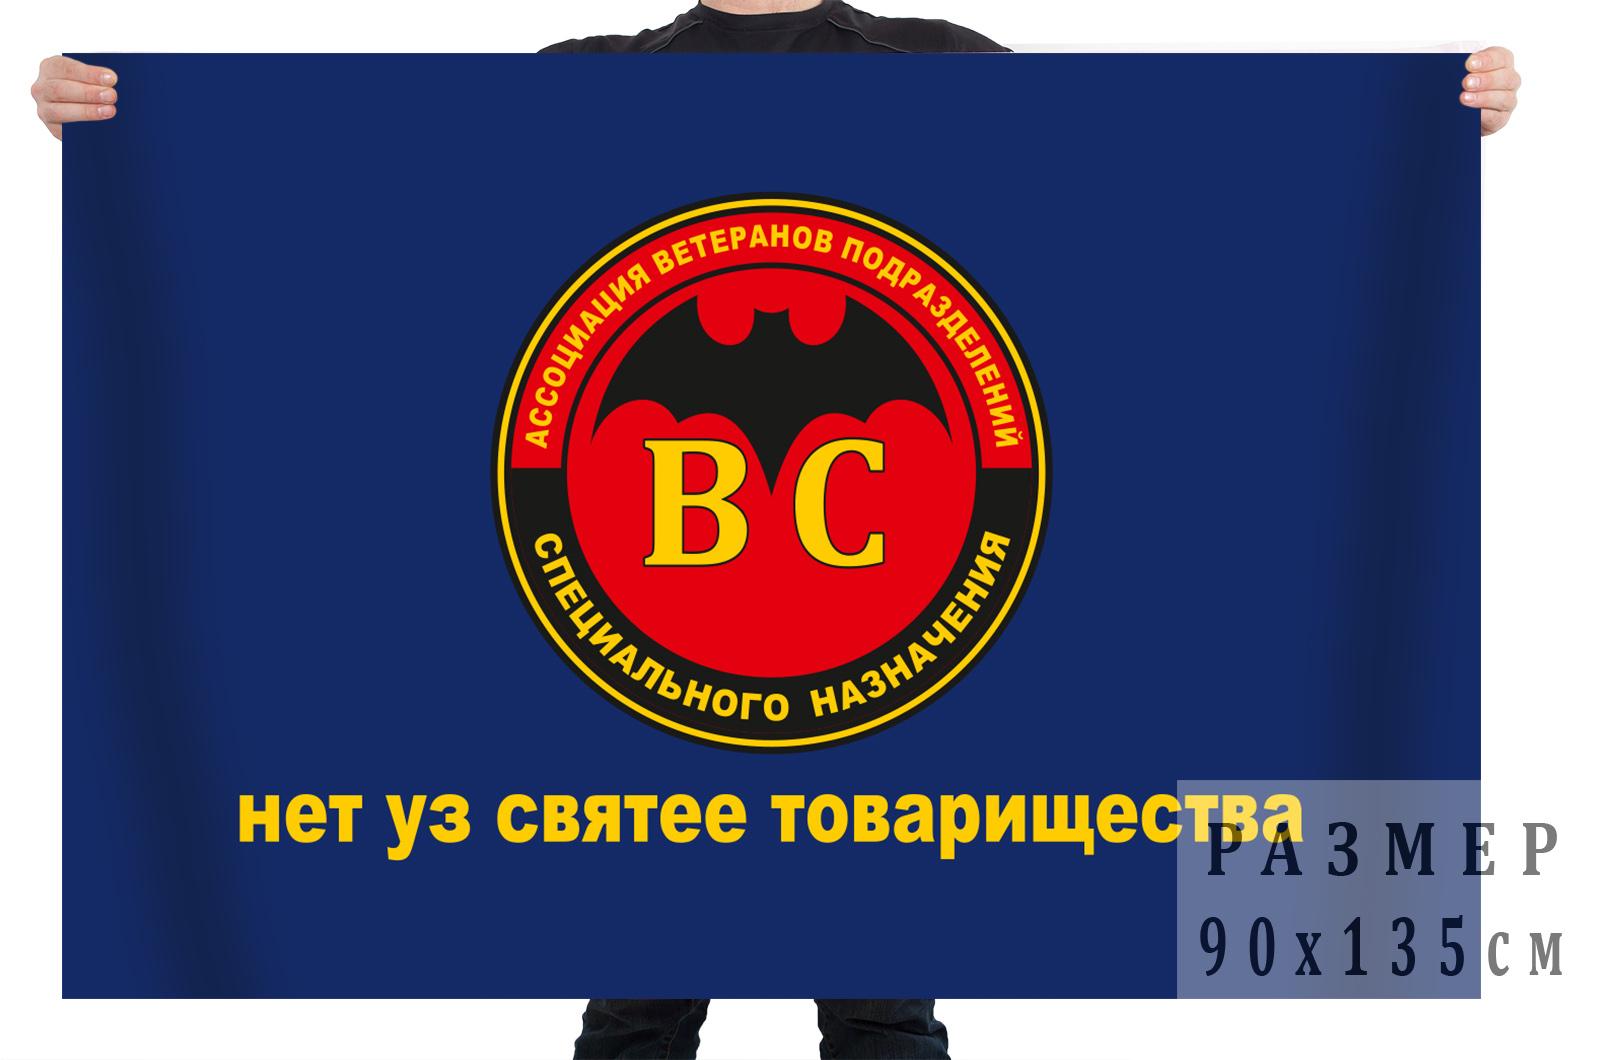 Флаг ассоциации ветеранов войск спецподразделений